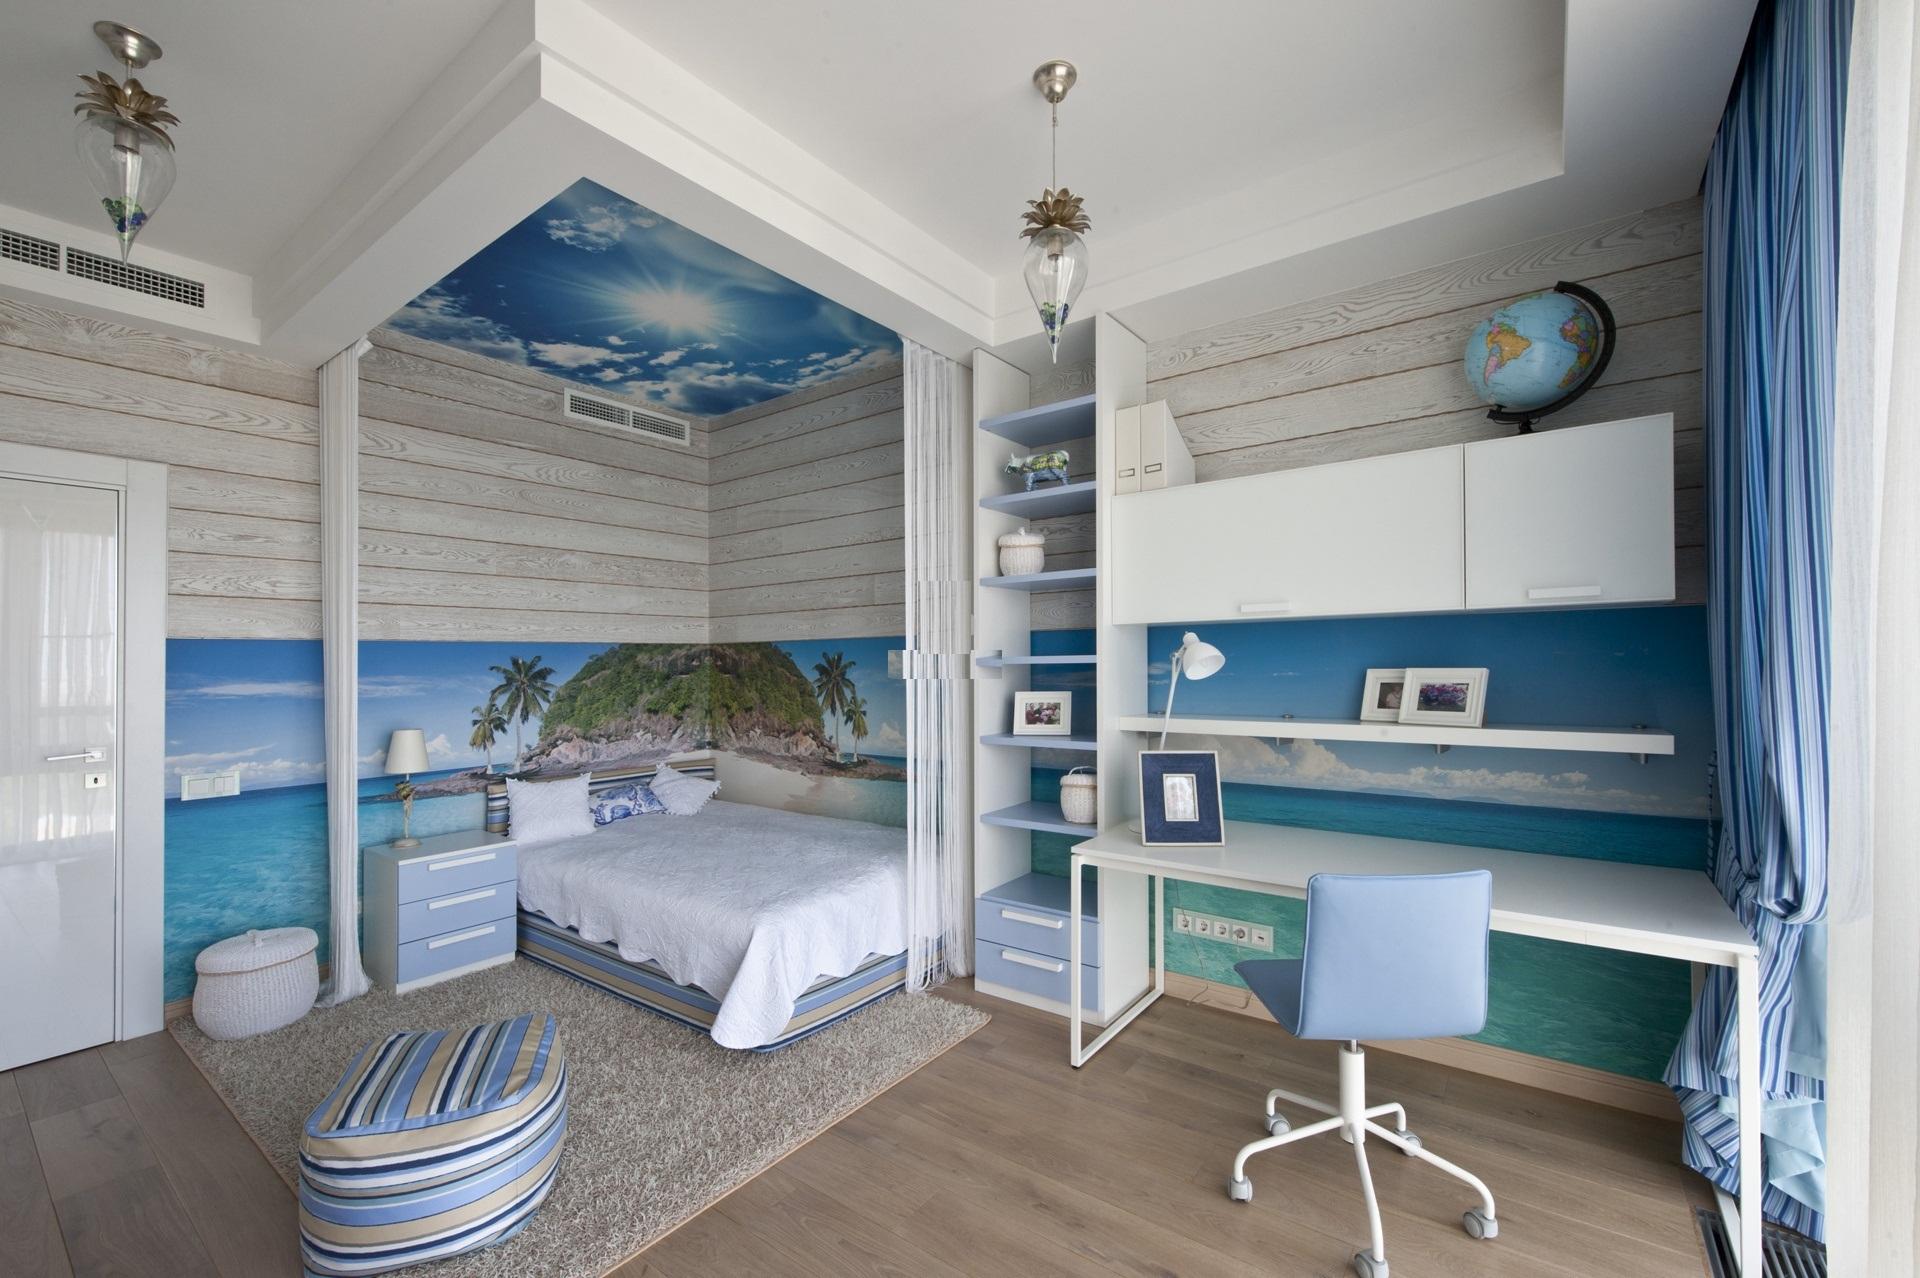 Фото спальни в морском стиле